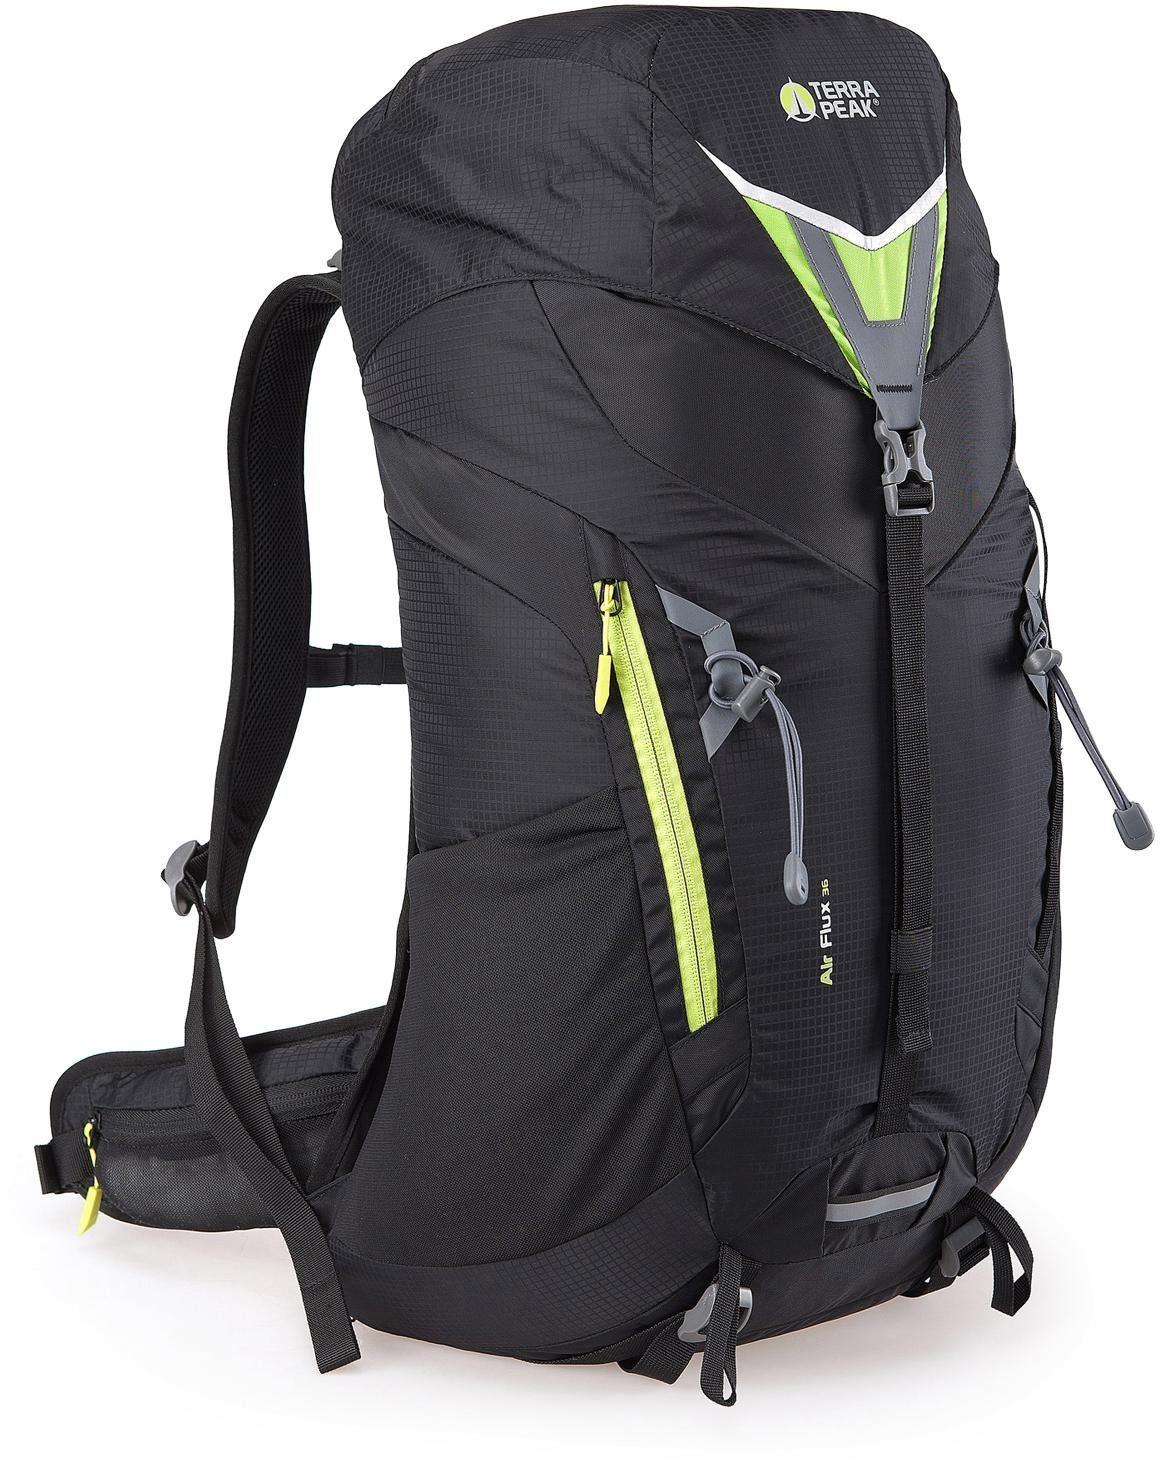 Terra Peak Trekkingrucksack »Airflux 36«